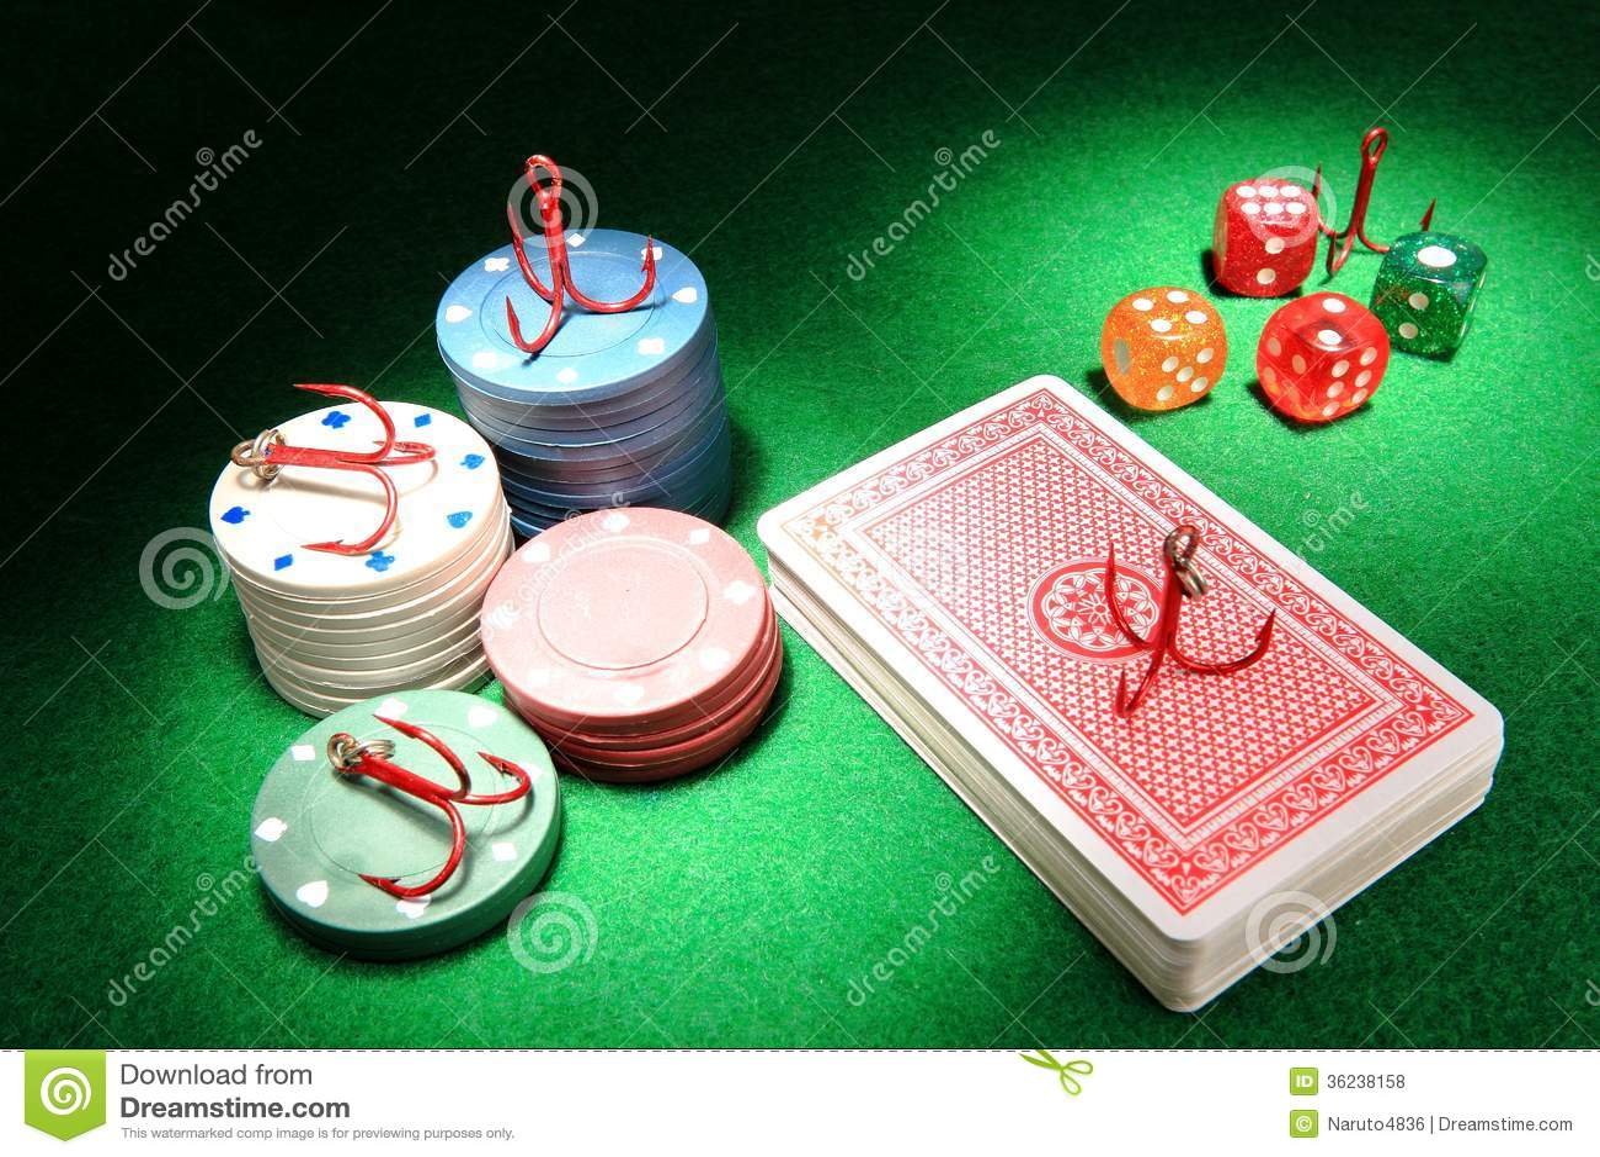 Играя в азартные игры наркомания